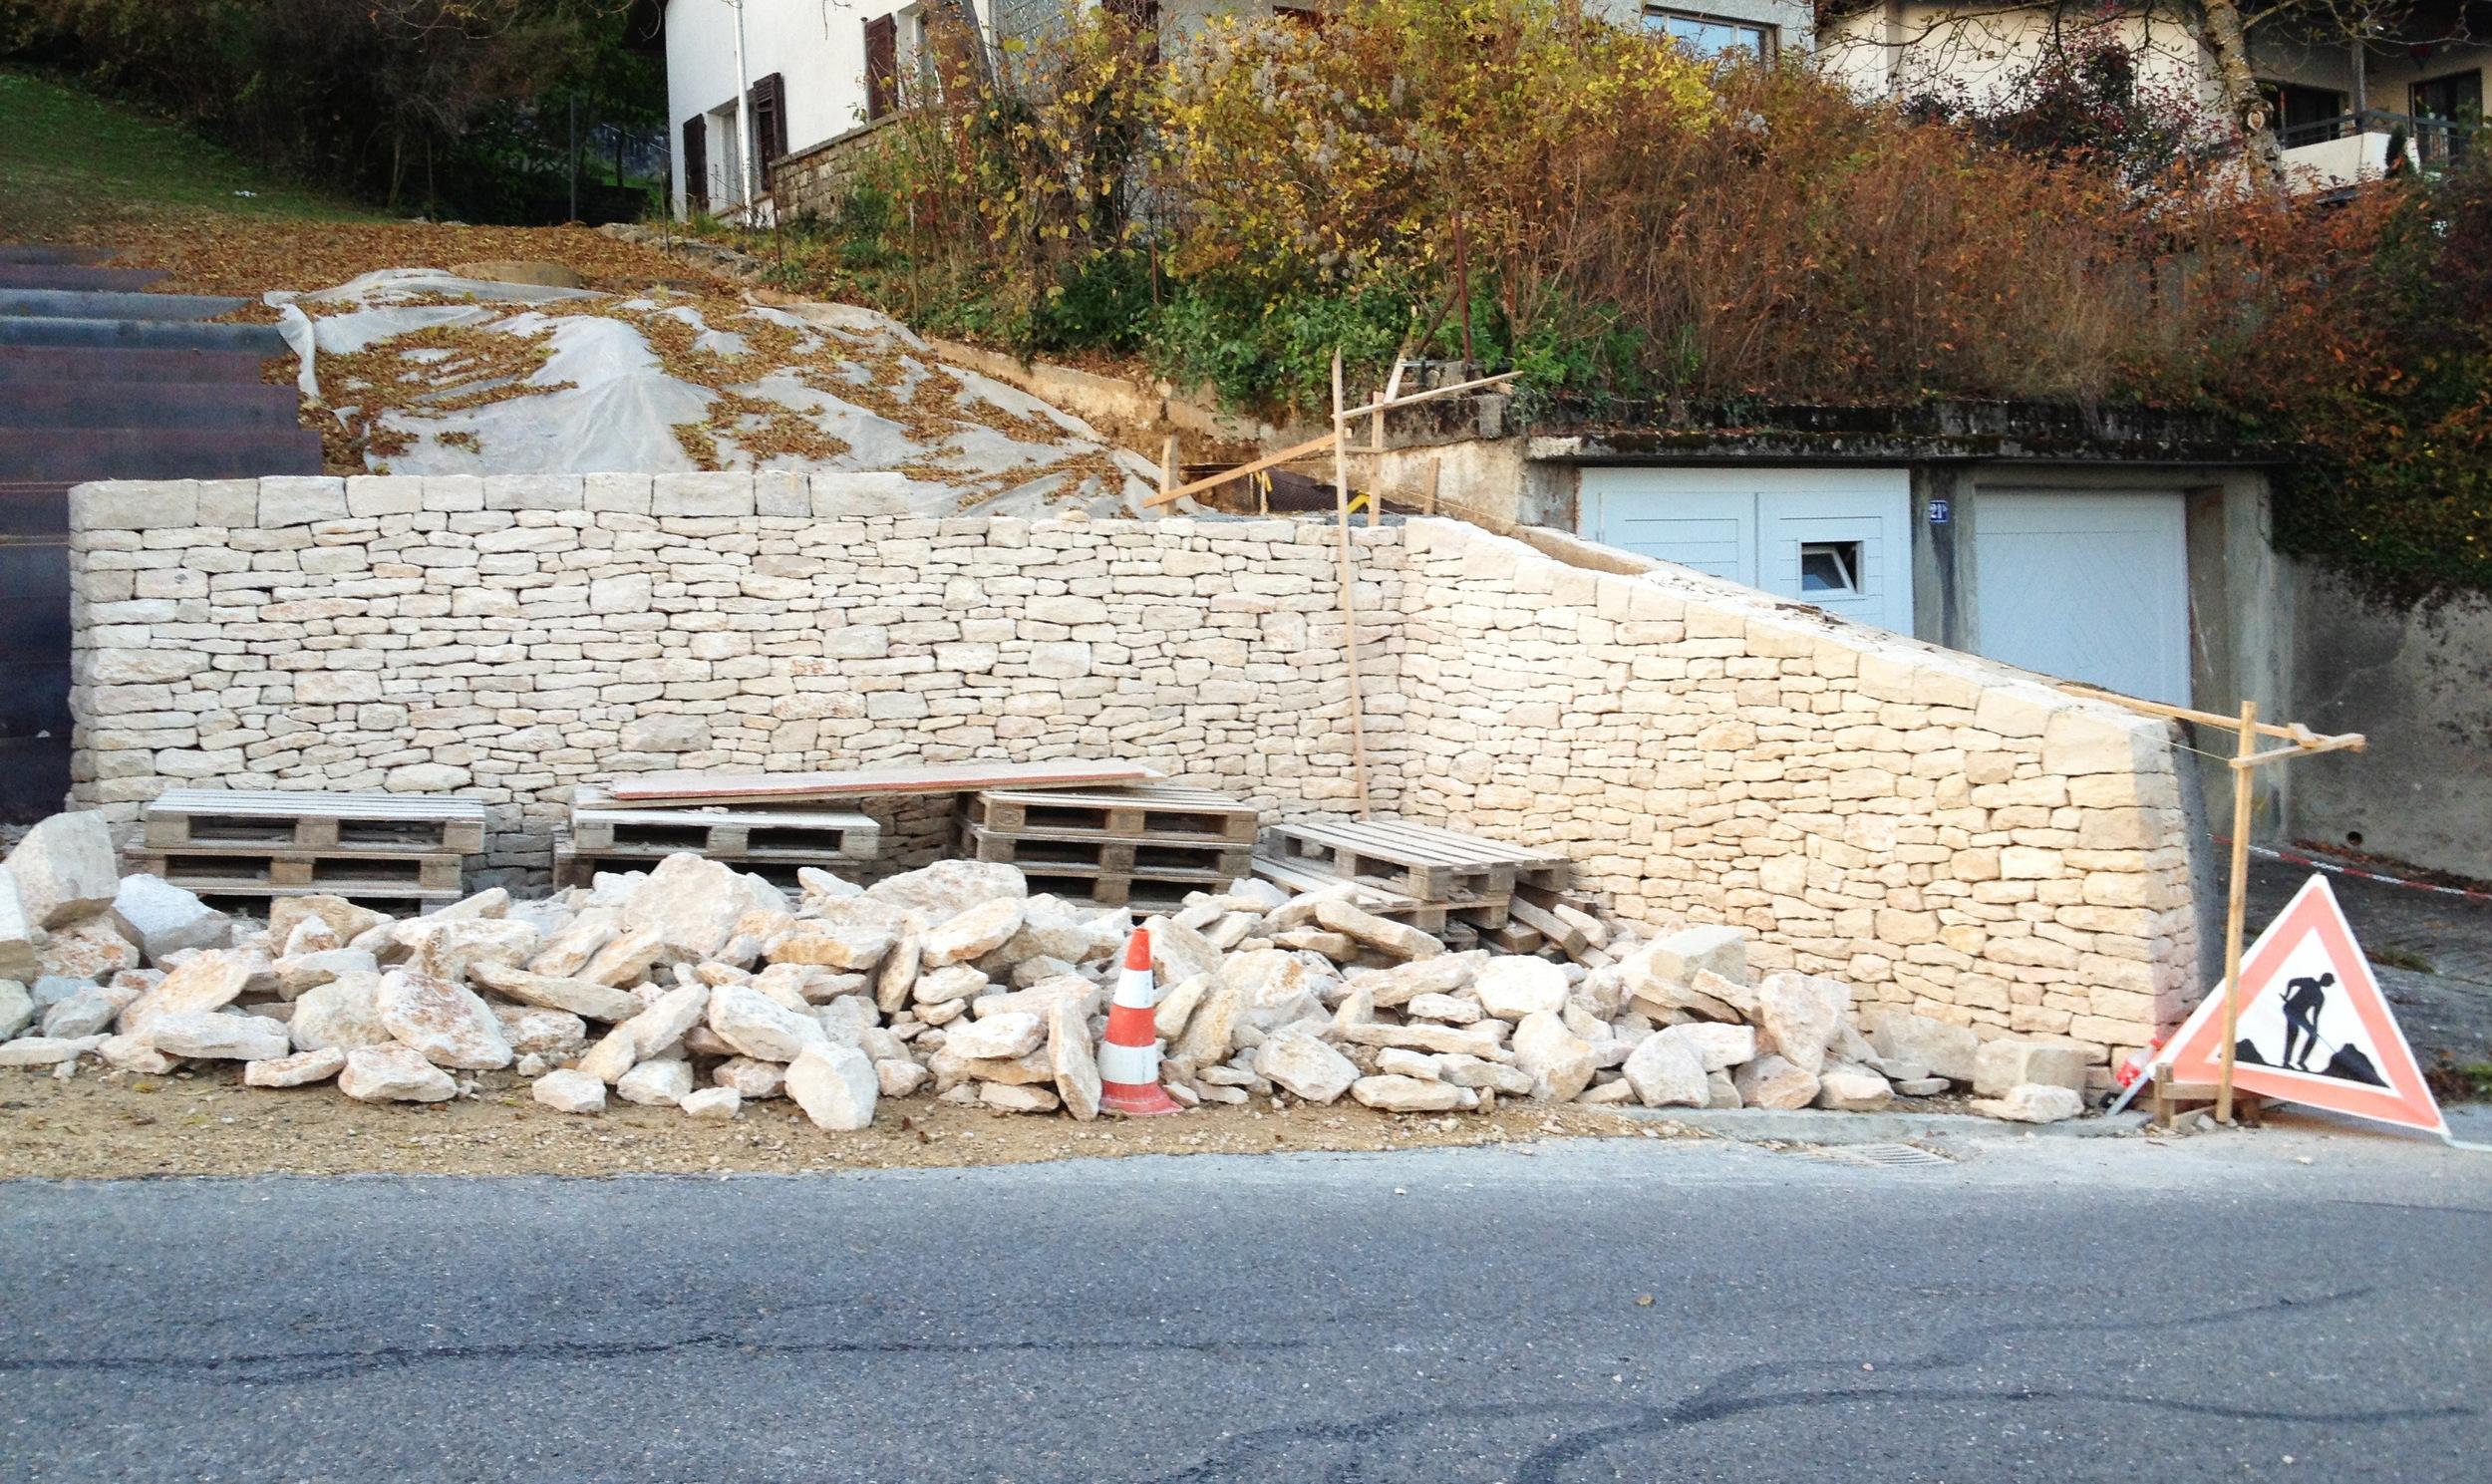 Mit der Mauer wurde der Übergangsbereich zwischen Garten und Garage bei einem EFH neu gestaltet.